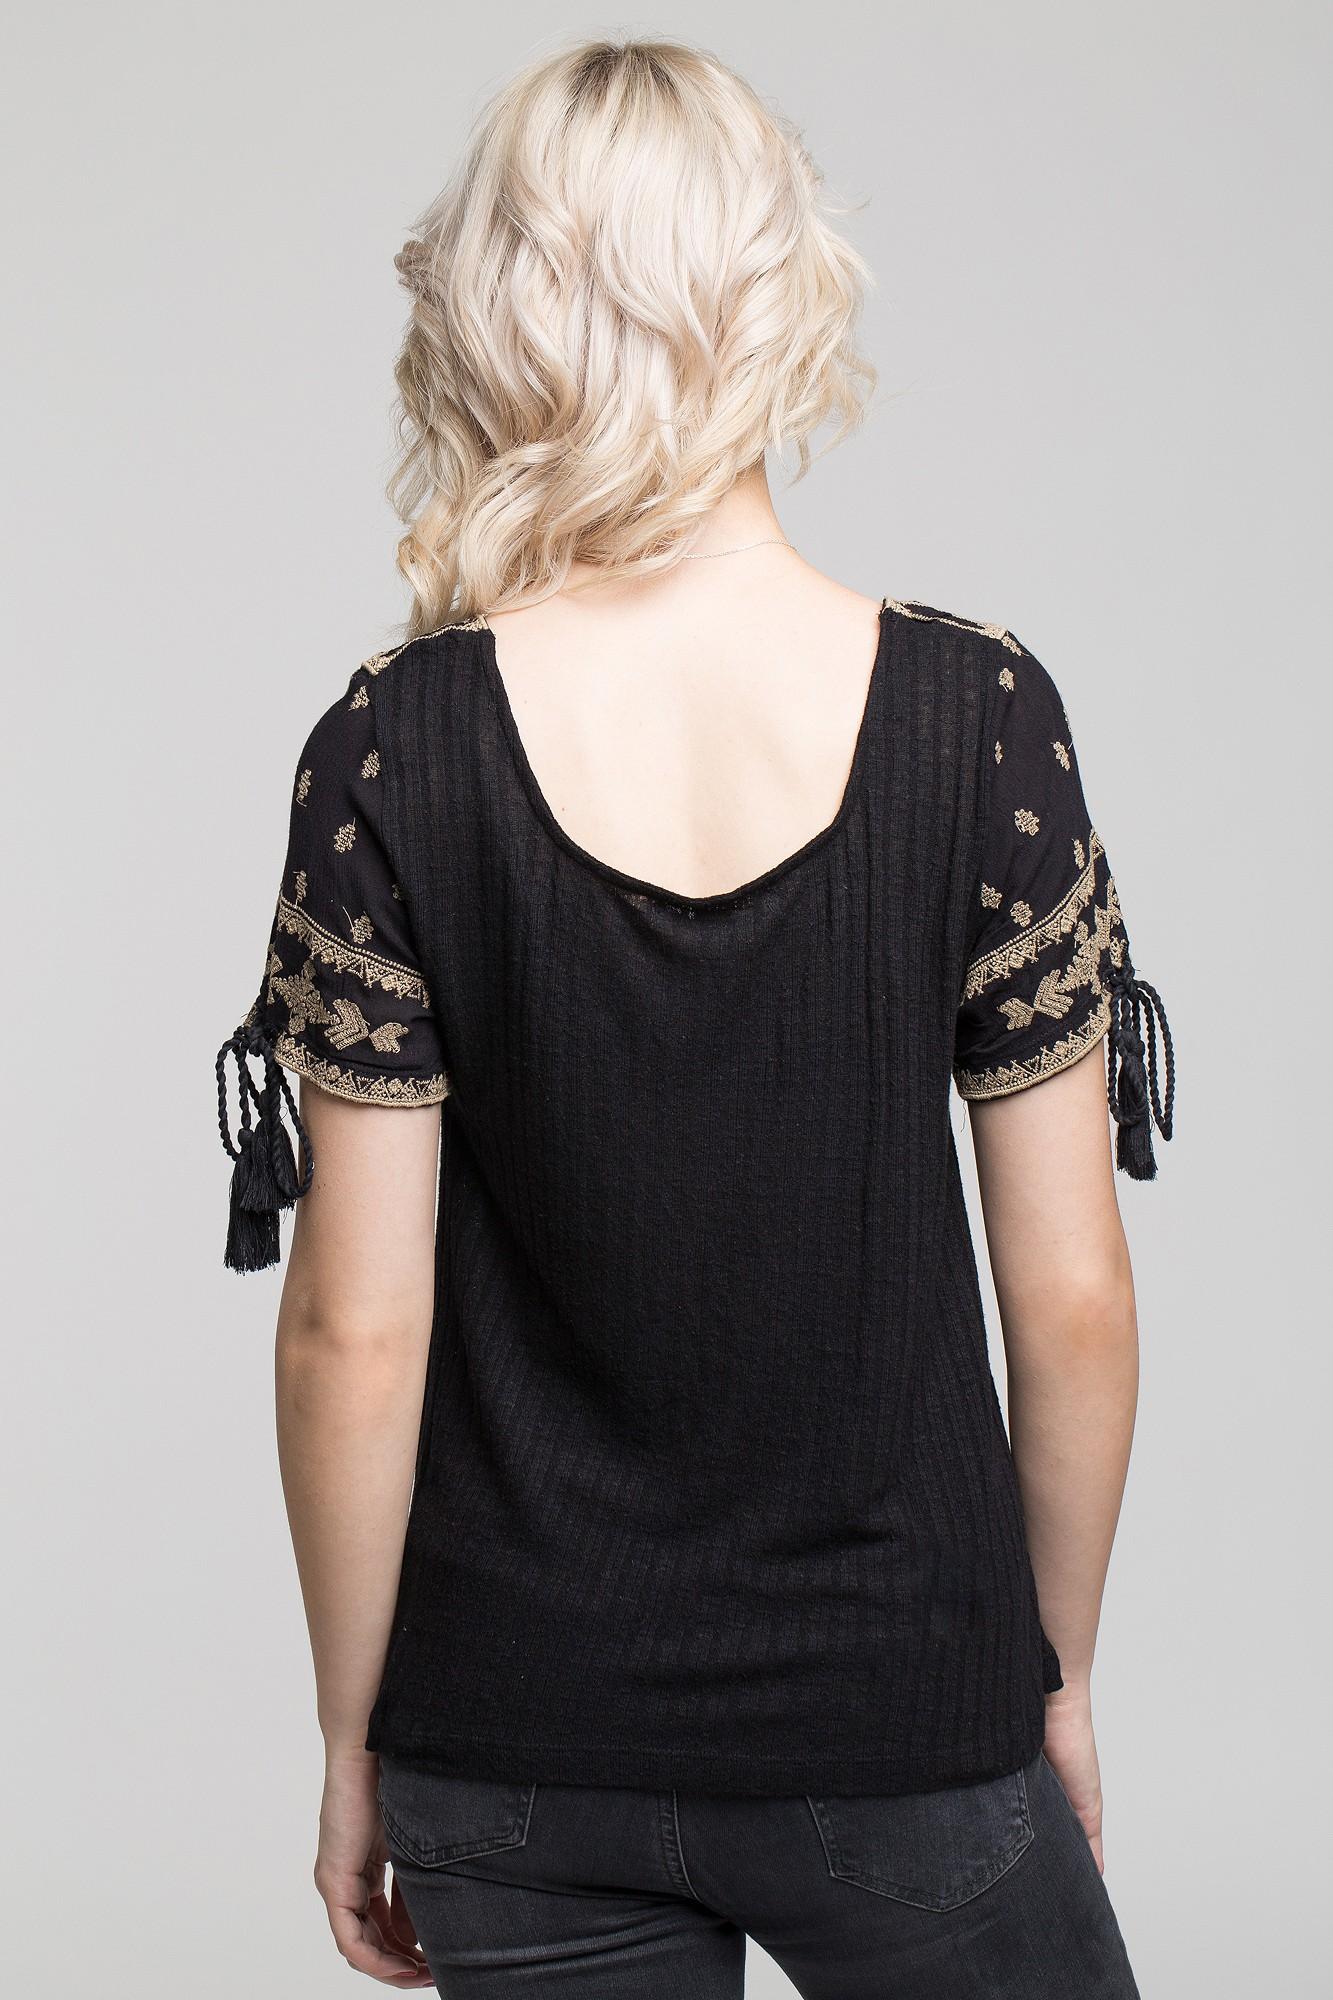 Tricou negru cu broderie alba si ciucuri